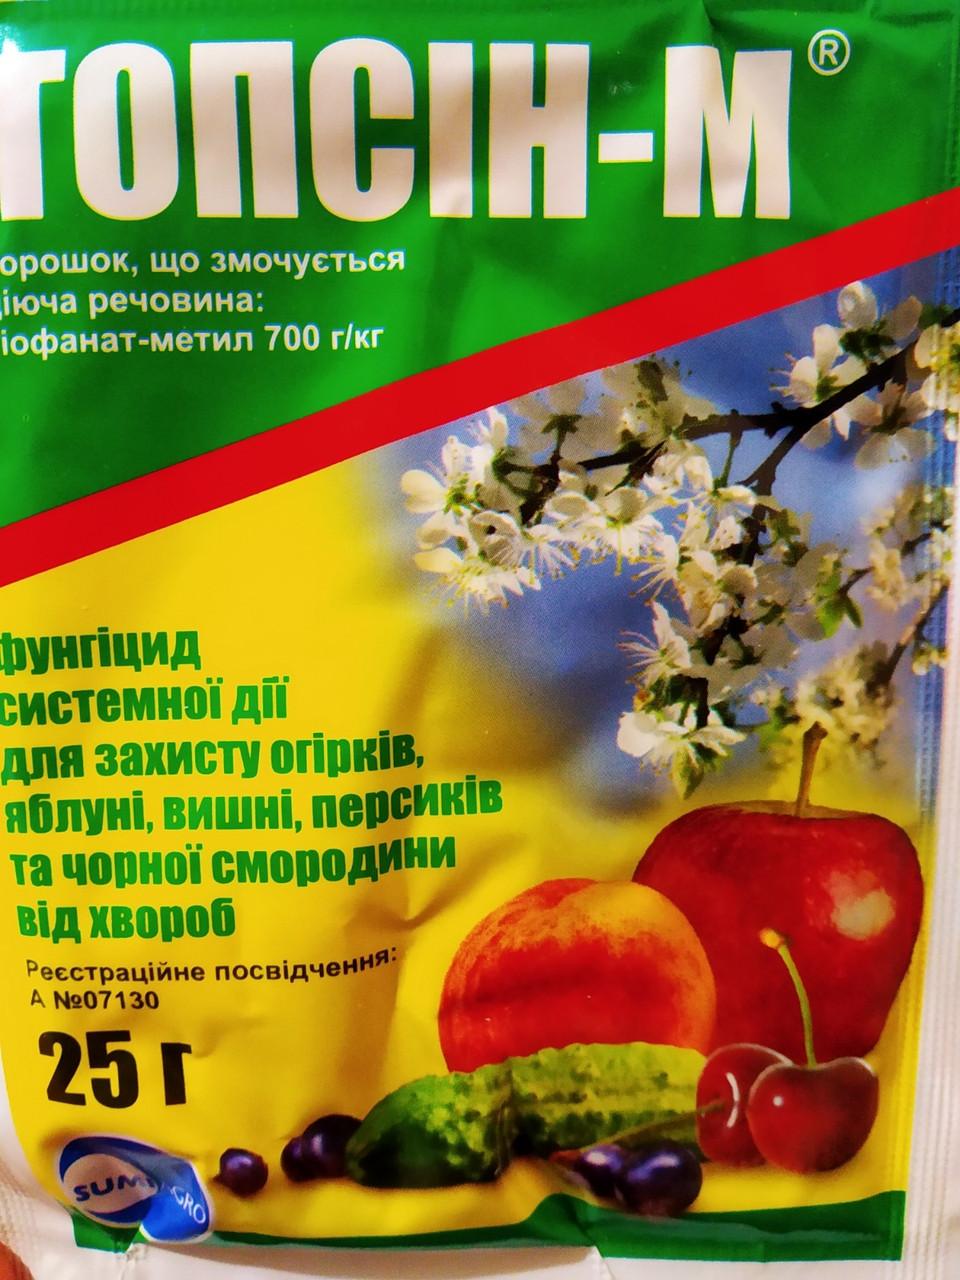 Фунгицид системного действия Топсин М для сельскохозяйственных культур 25 грамм на 3 сотки, Украина